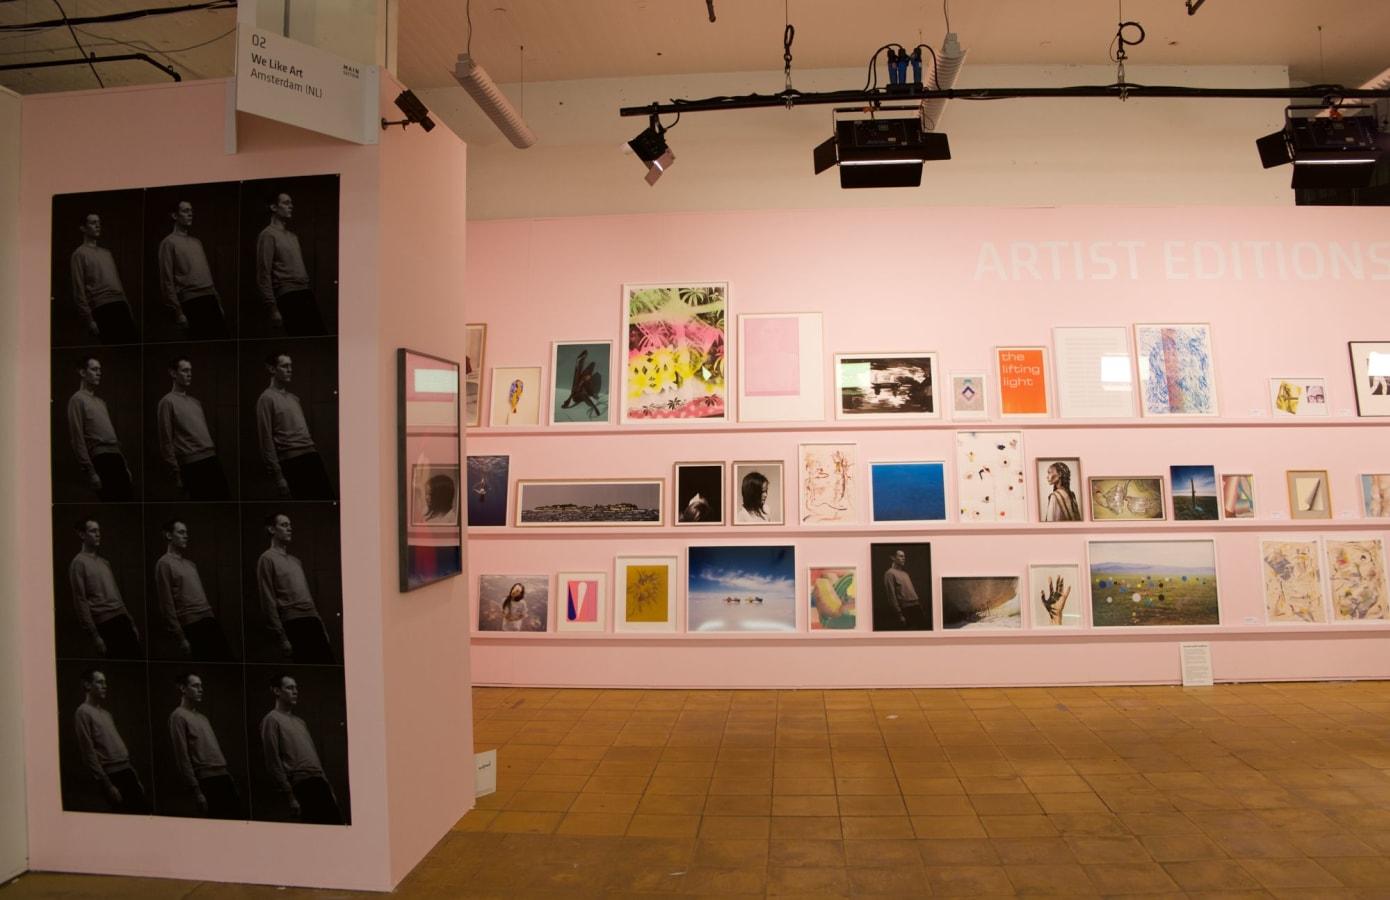 We Like Art @ Art Rotterdam 2019, Jasper Hagenaar, Bas van den Hurk, Heringa / Van Kalsbeek, Maria Roosen, Koen Vermeule,